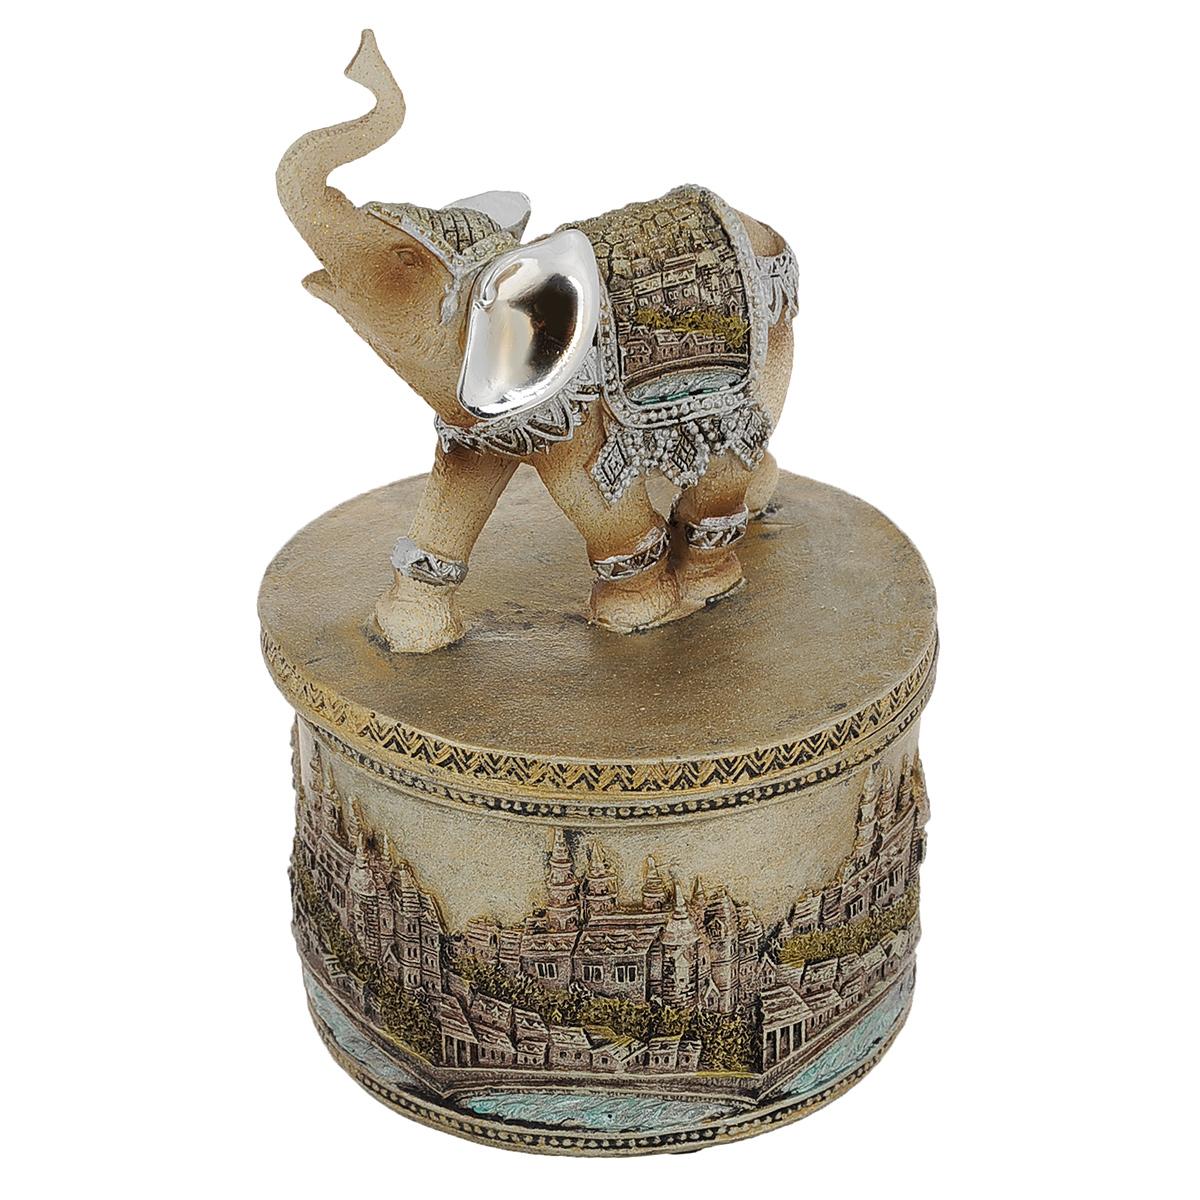 Статуэтка-шкатулка Molento Слон мира, высота 17,5 см549-122Очаровательная статуэтка Molento Слон мира станет оригинальным подарком для всех любителей стильных вещей. Она выполнена из полистоуна в серебристо-золотистых тонах в виде шкатулки, крышка которой оснащена ручкой в форме слона. Изысканный сувенир станет прекрасным дополнением к интерьеру. Вы можете поставить статуэтку в любом месте, где она будет удачно смотреться, и радовать глаз.